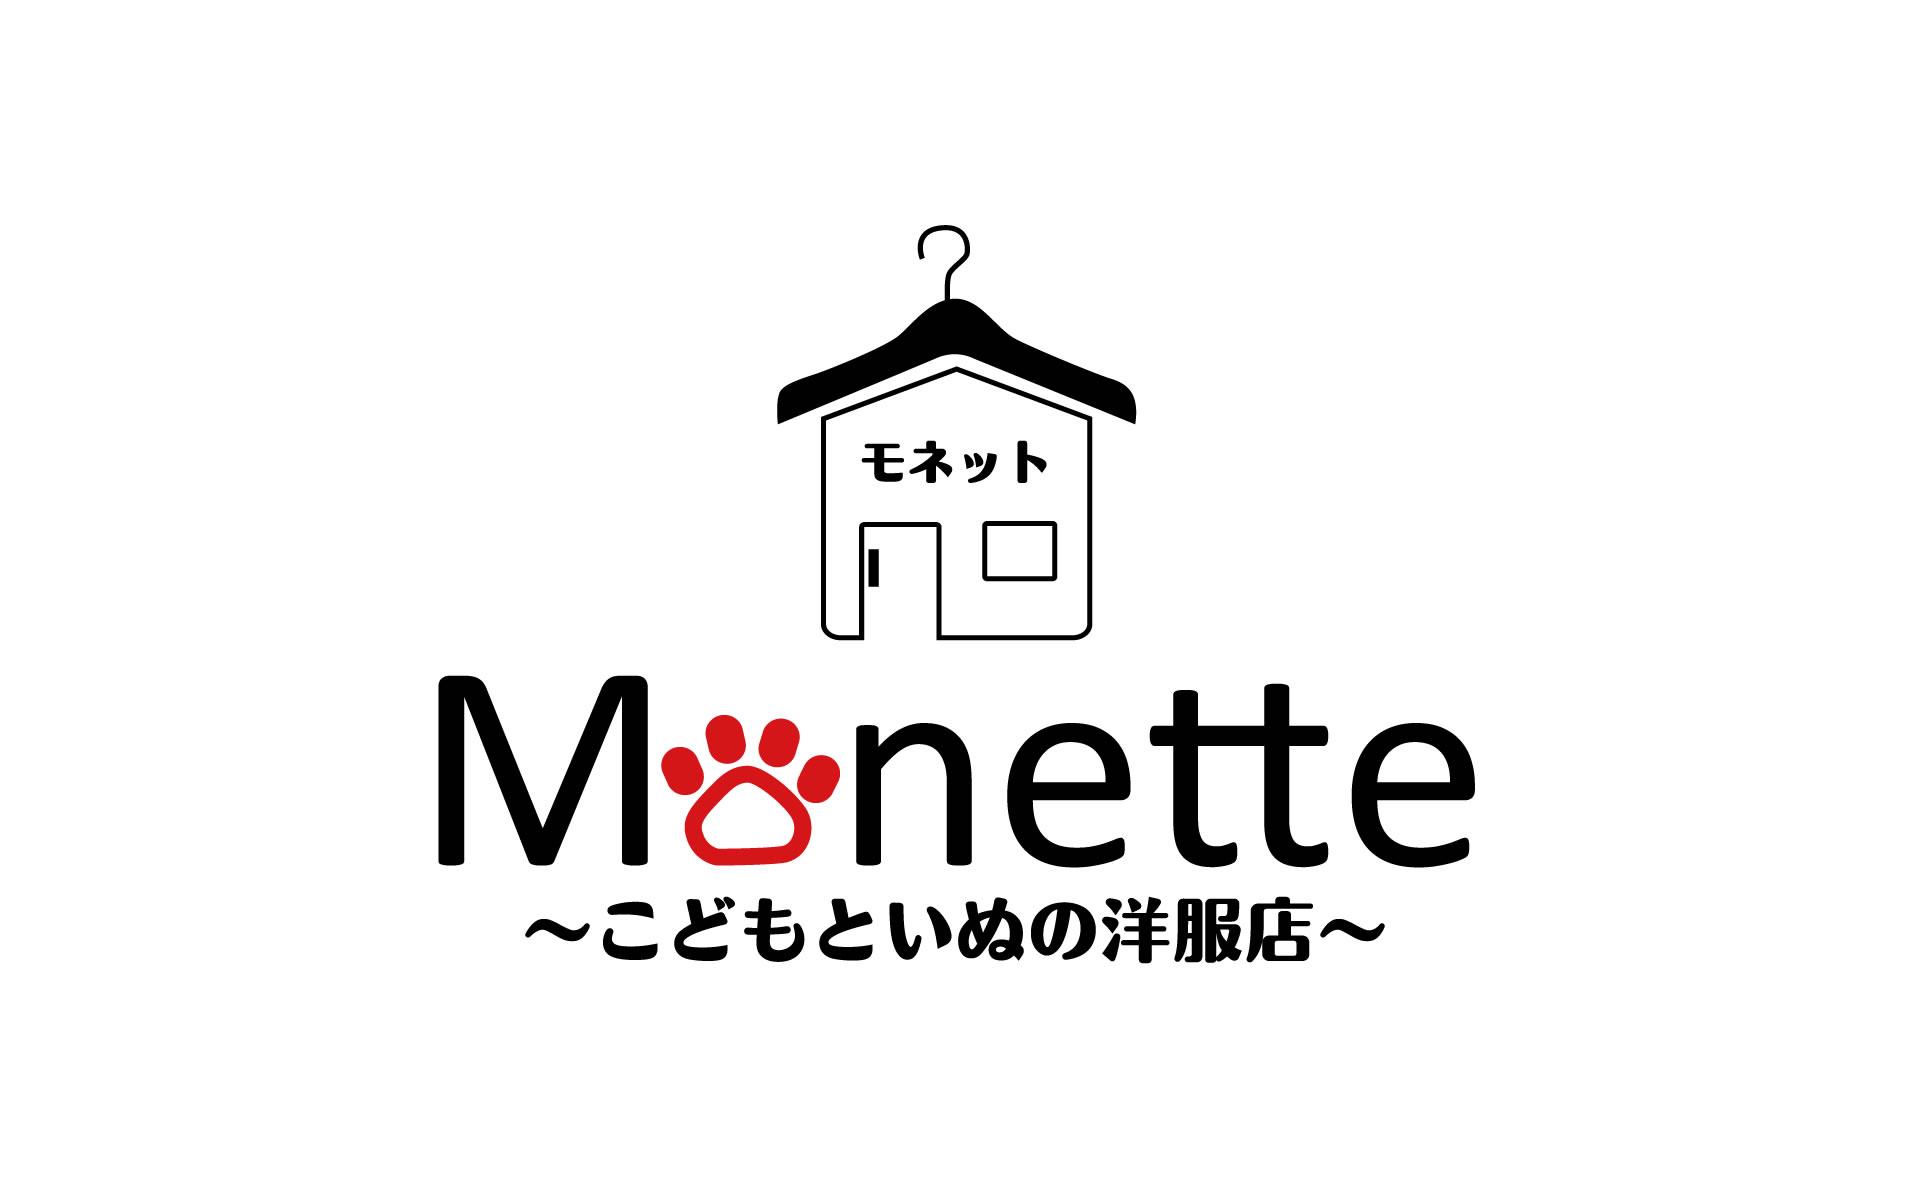 大阪・南森町「こどもといぬの洋服店モネット」年末年始の営業時間につきまして